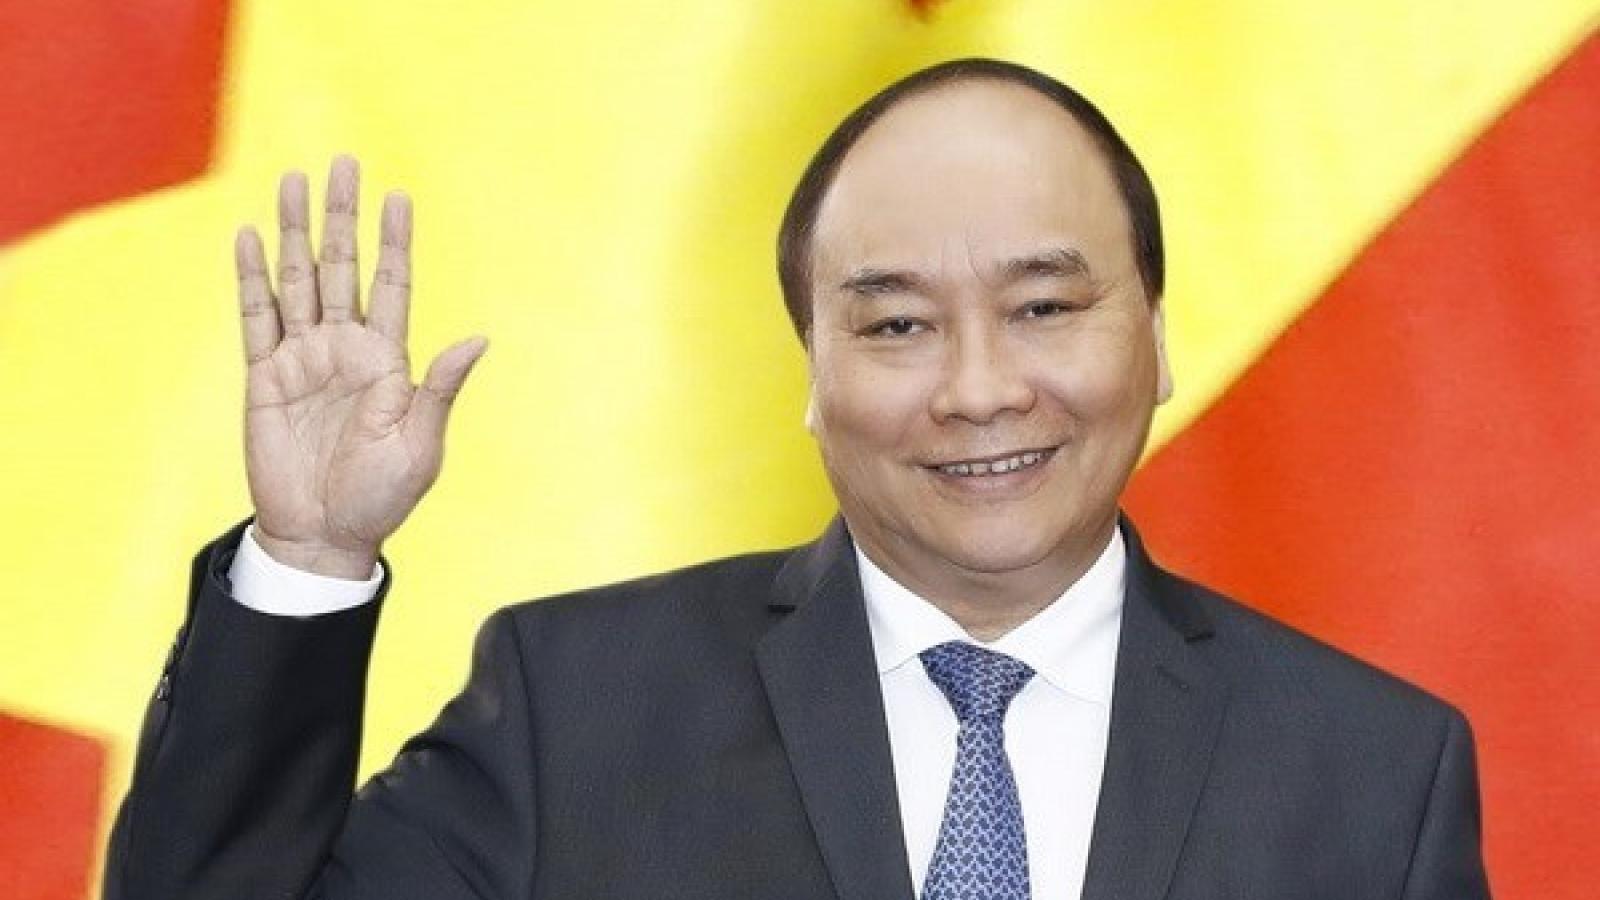 Thủ tướng Nguyễn Xuân Phúc sẽ tham dự Hội nghị thượng đỉnh G20